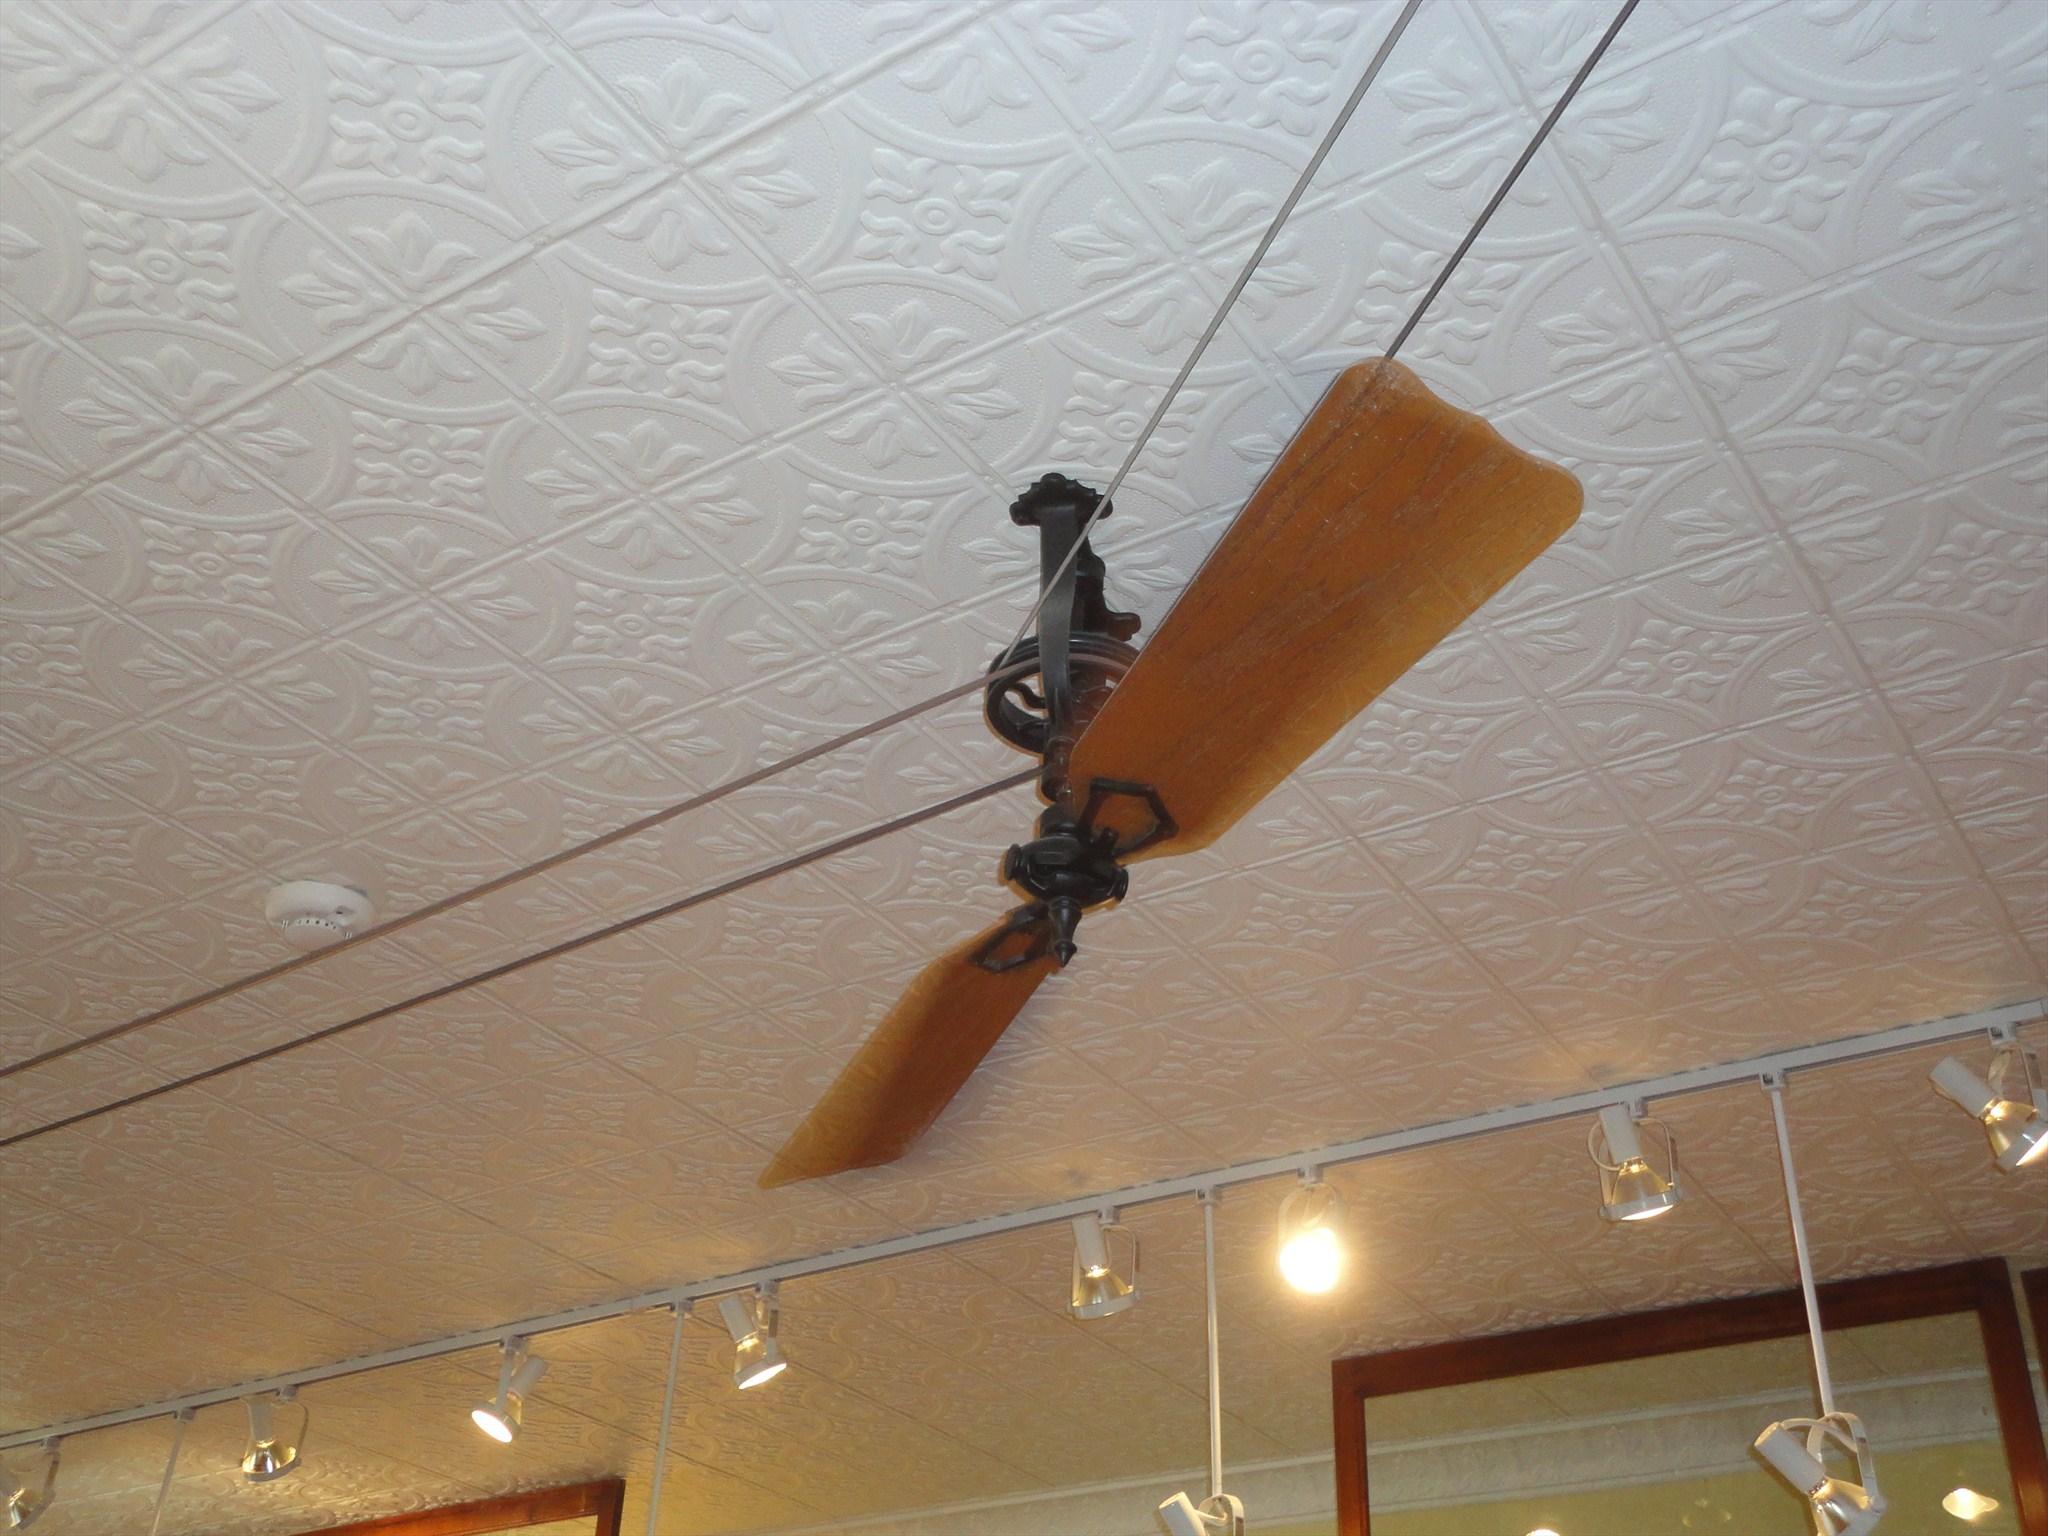 Belt driven ceiling fans roselawnlutheran - Ceiling fan belt driven ...